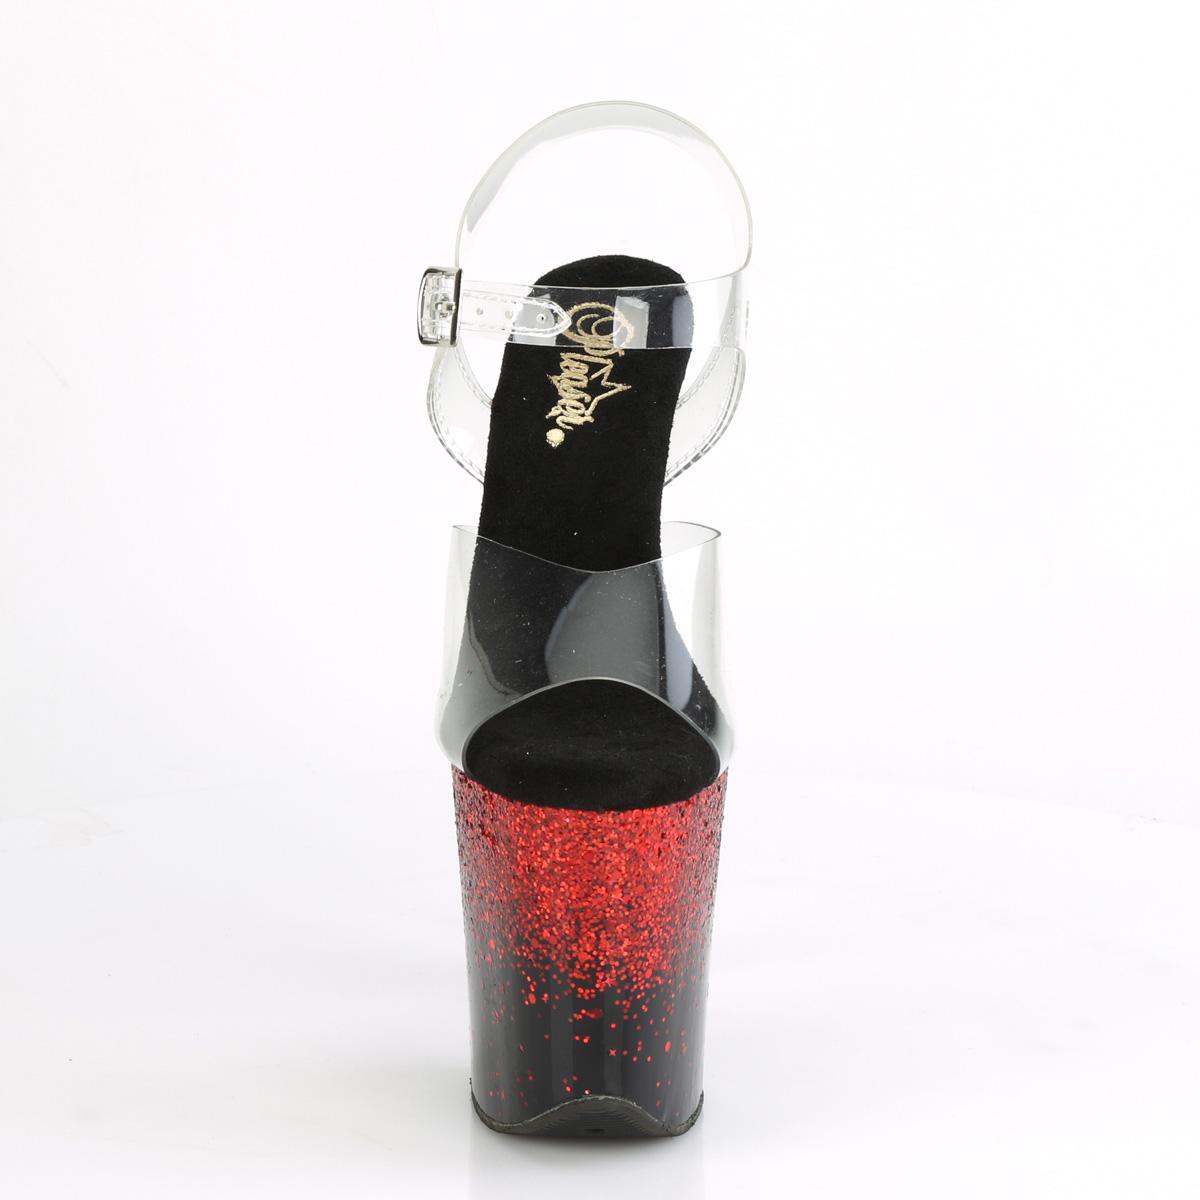 Pleaser(プリーザー) FLAMINGO-808SS フラミンゴ 超厚底サンダル 約20cmヒール クリア/黒/レッド マルチグリッター◆取り寄せ